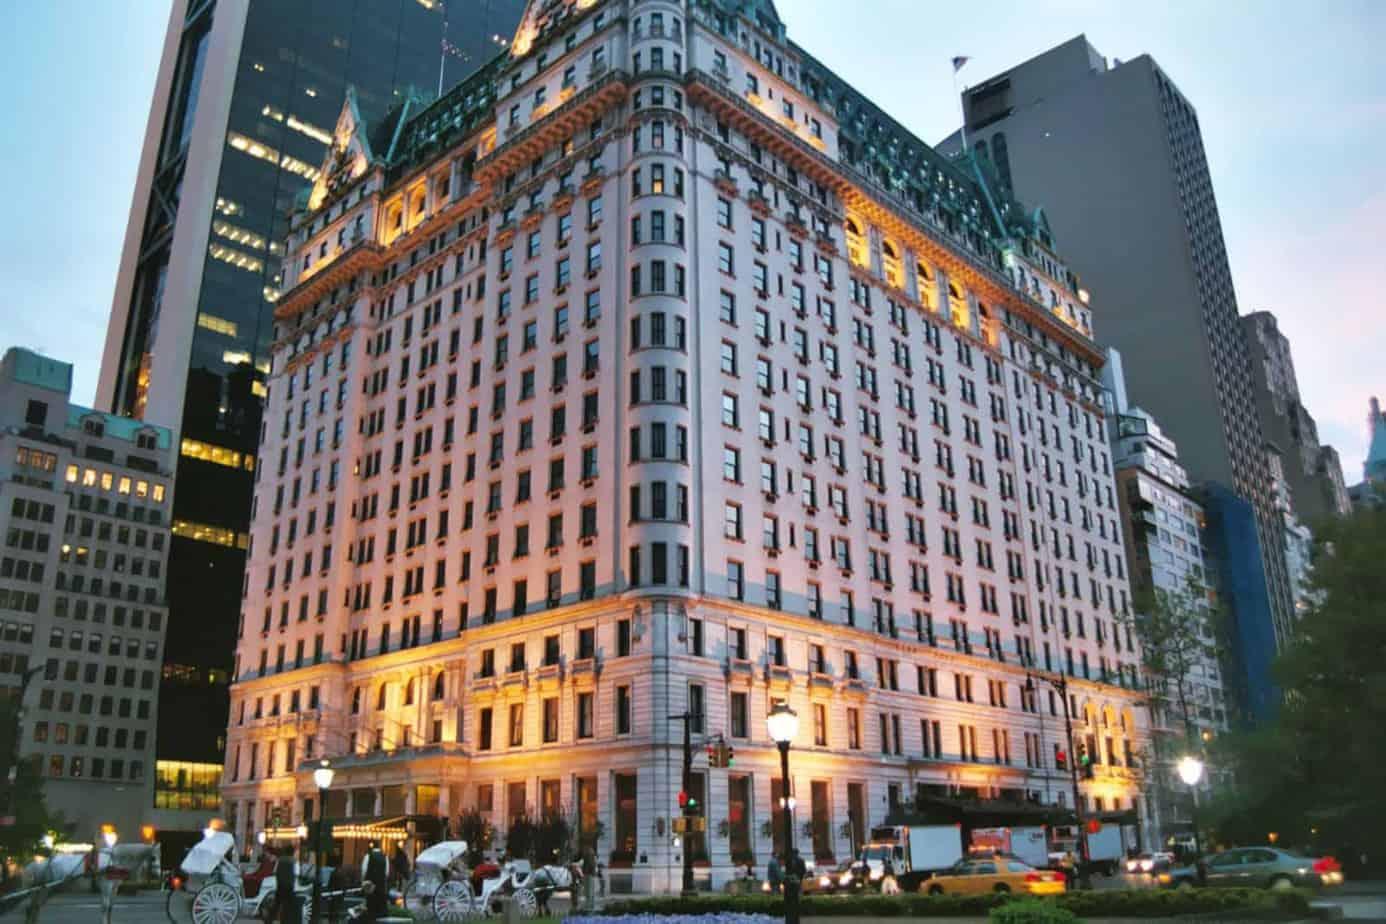 افضل 15 فندق في نيويورك من المسافرون العرب